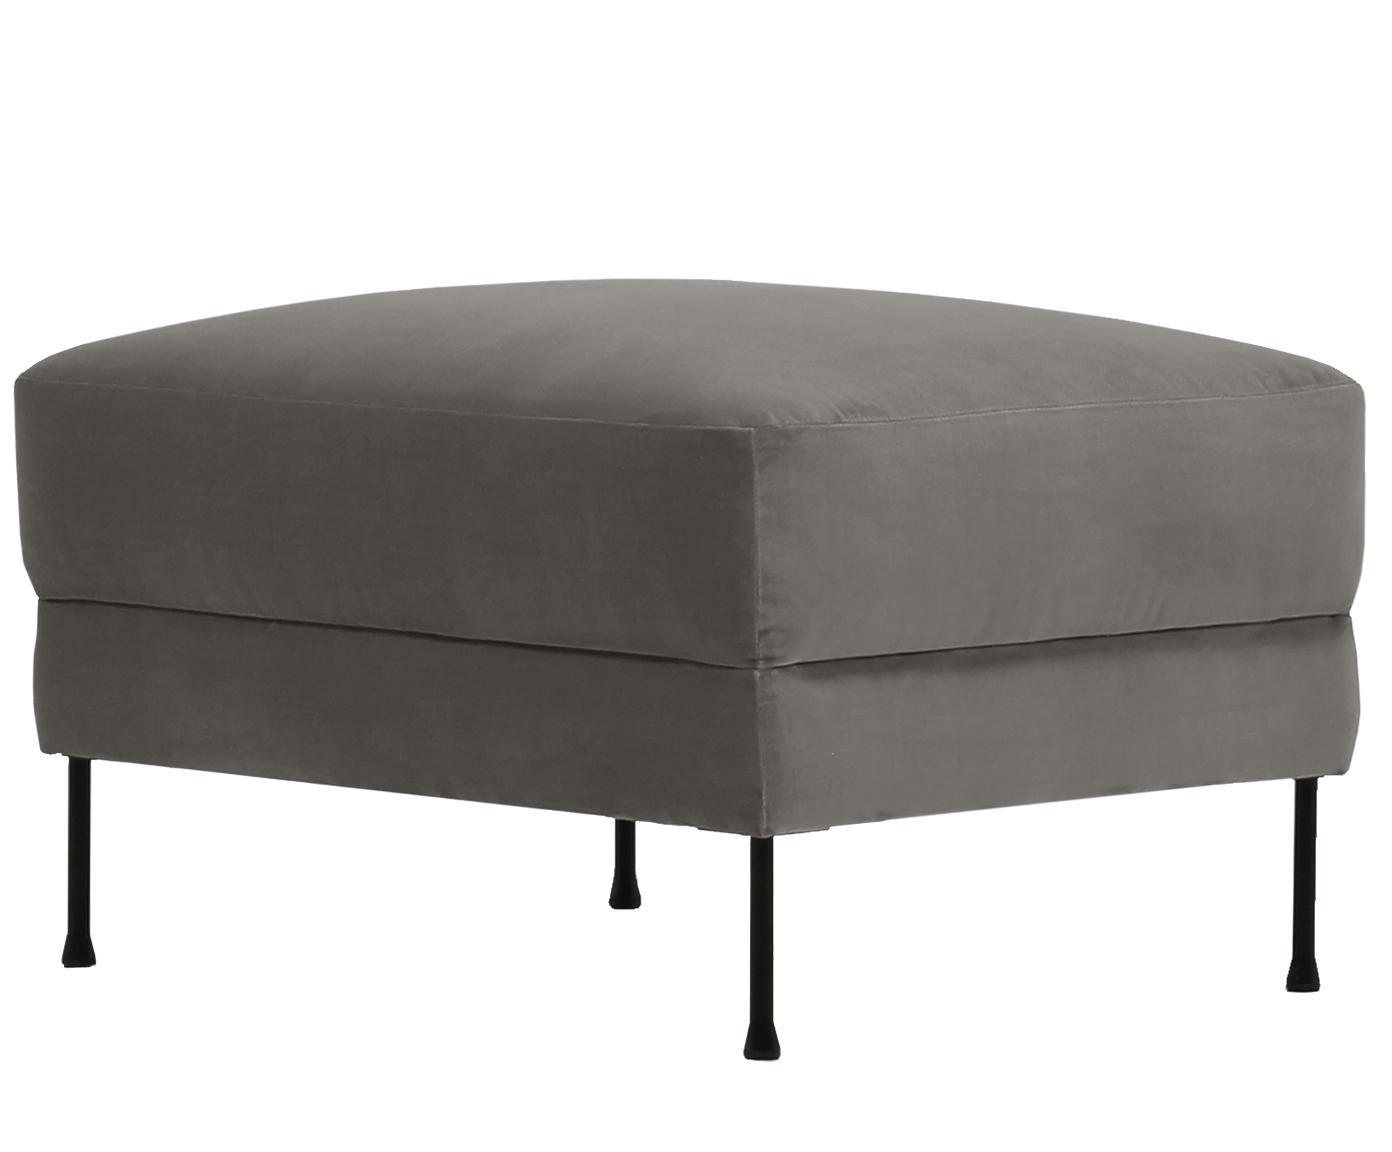 Sofa-Hocker Fluente aus Samt, Bezug: Samt (Hochwertiger Polyes, Gestell: Sperrholz, Spanplatte, Füße: Metall, pulverbeschichtet, Samt Braungrau, 62 x 46 cm